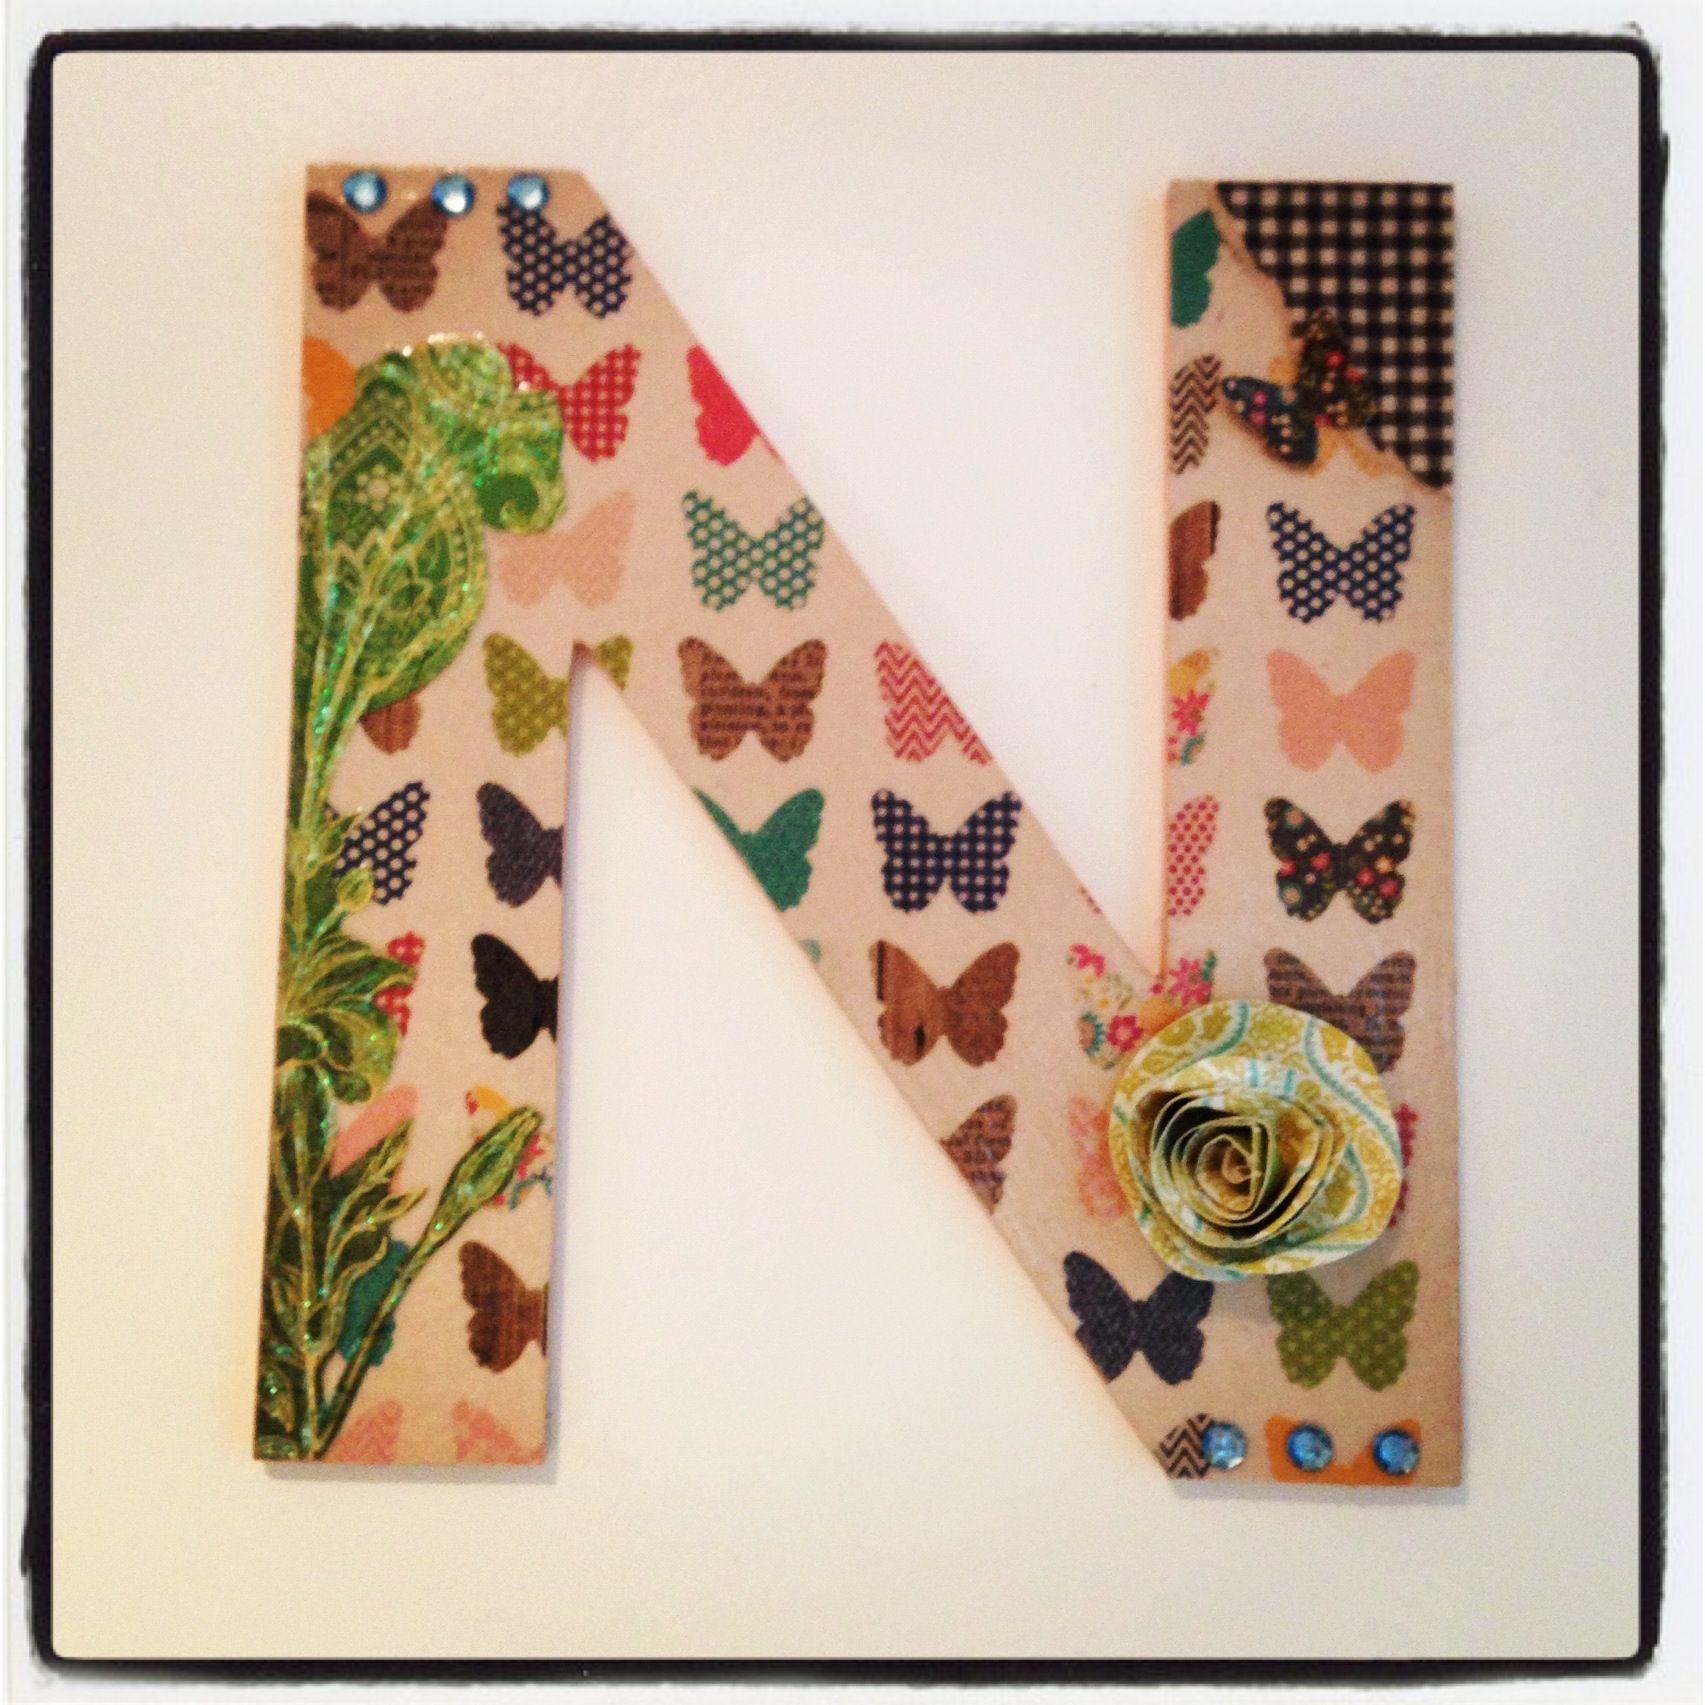 Letras decorativas de madera wall letters pinterest - Letras de madera decorativas ...